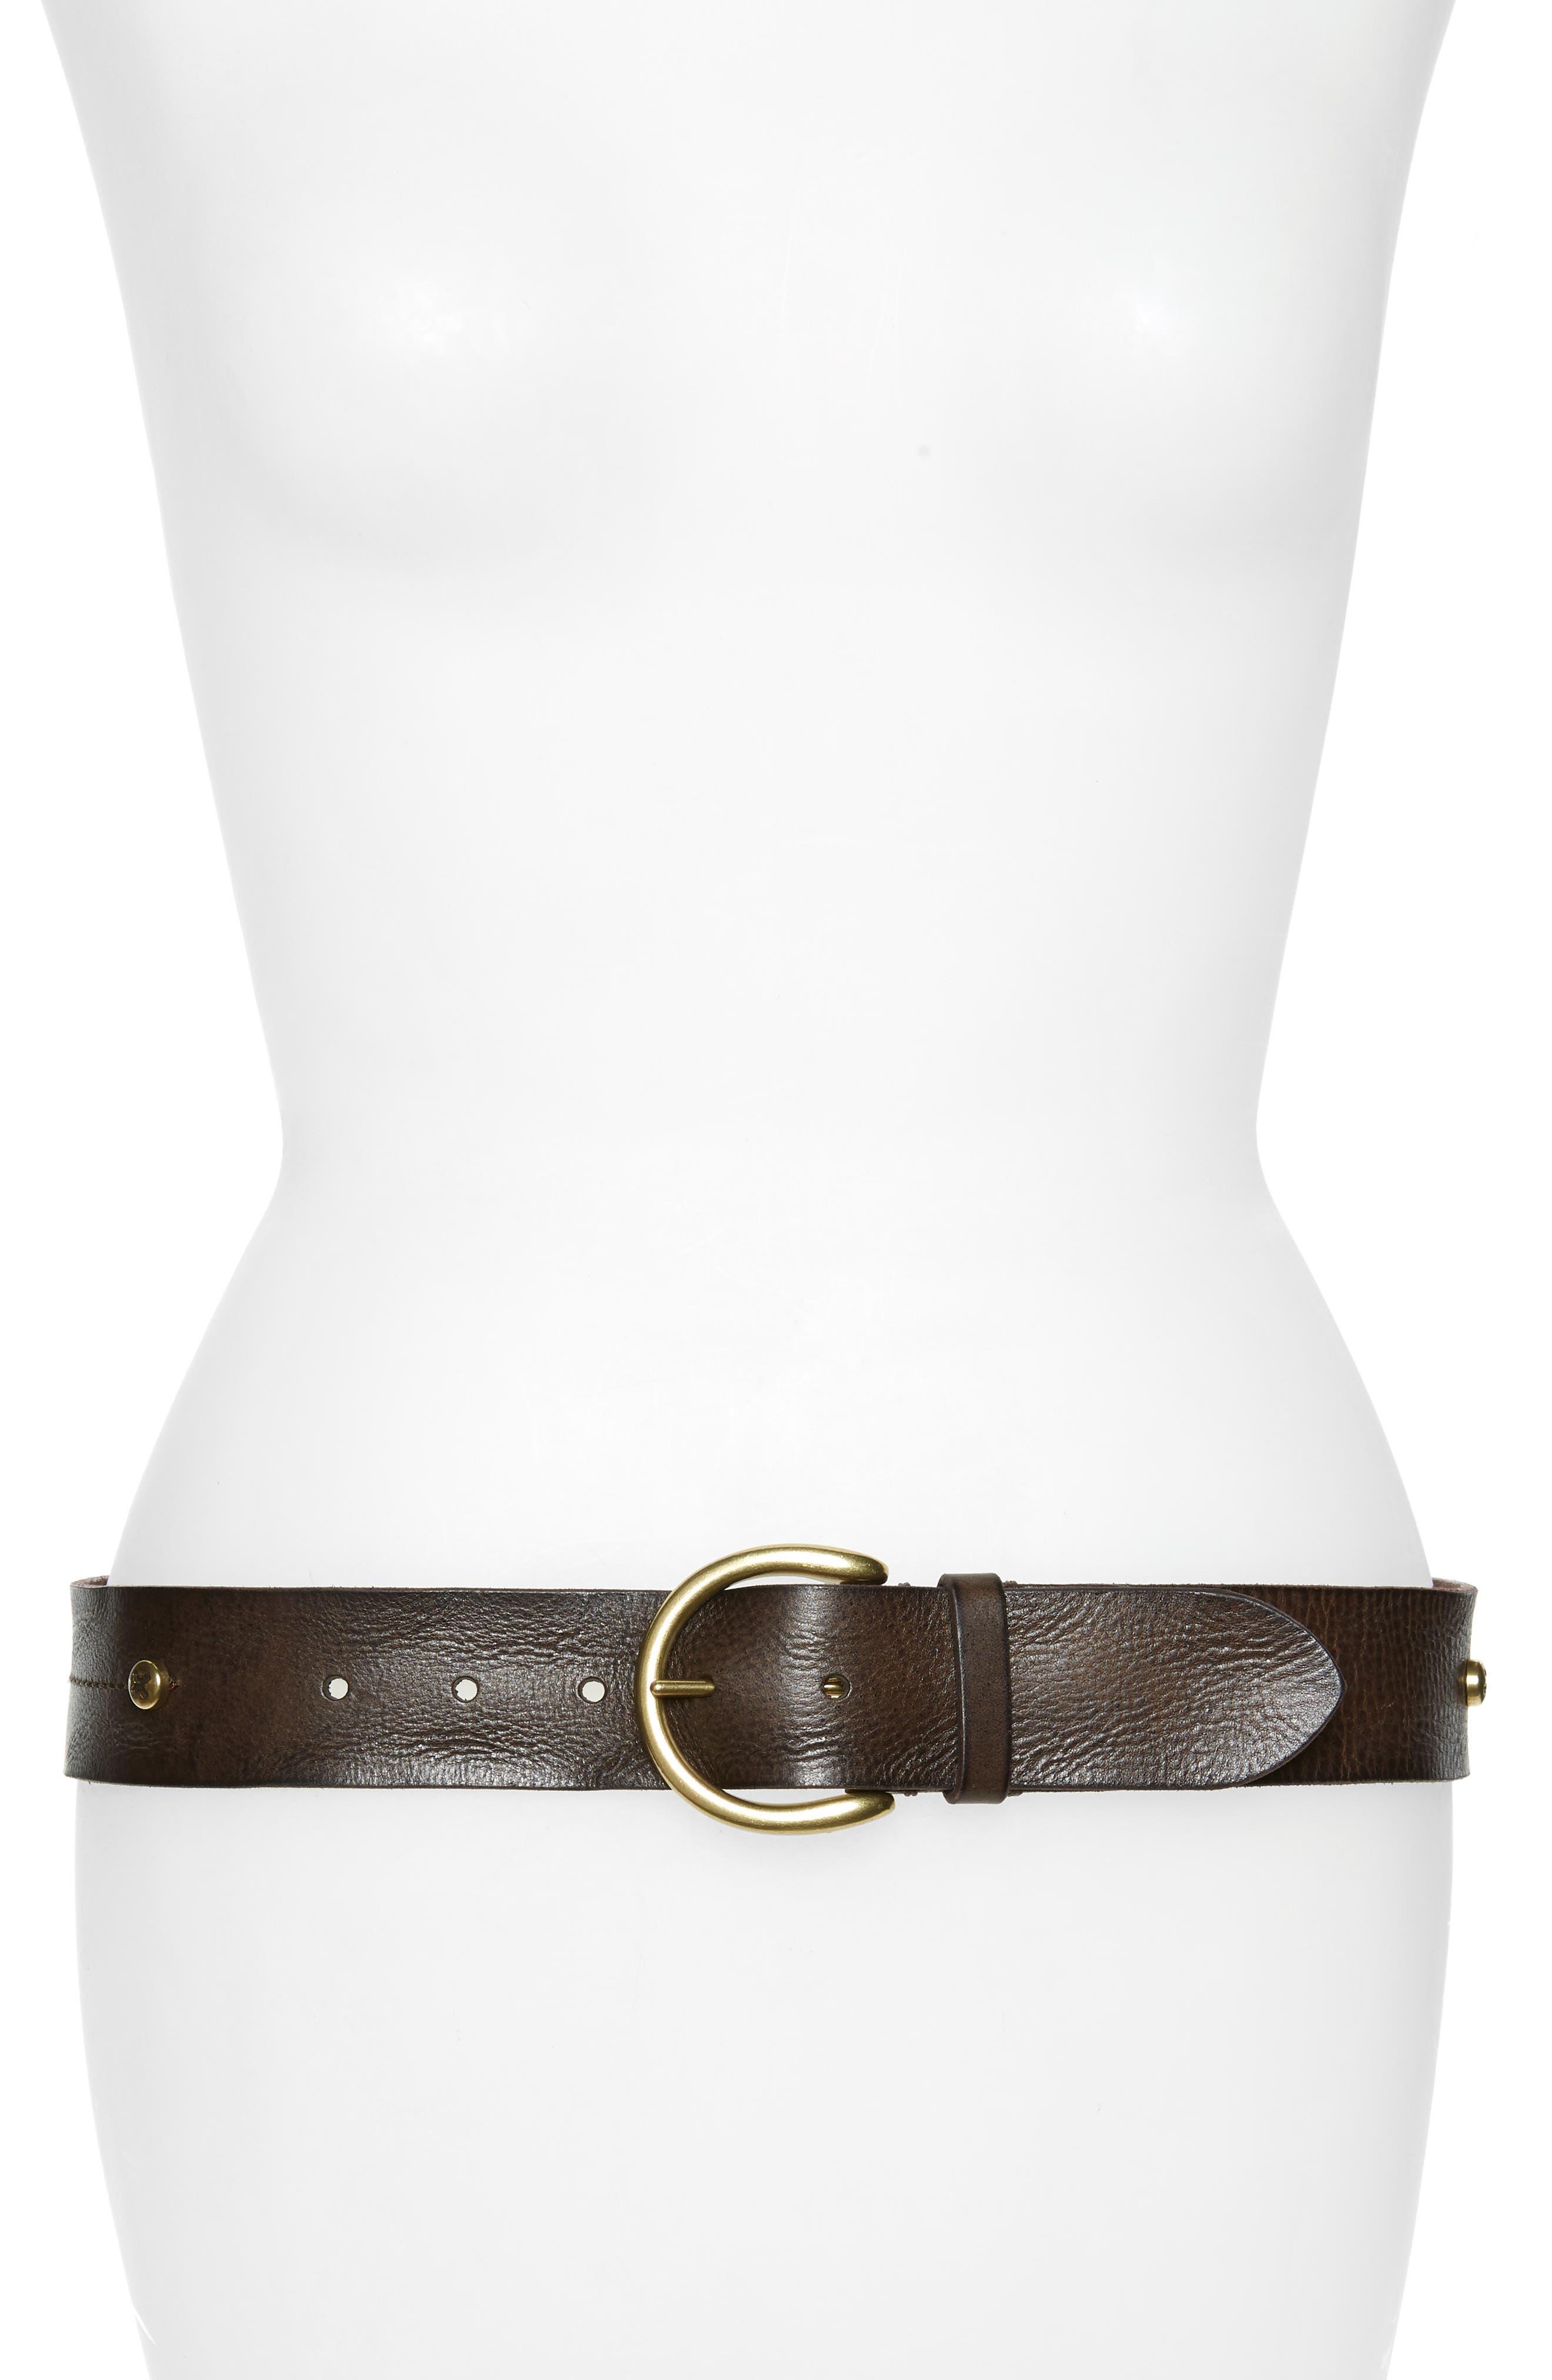 Frye Screw Rivet Leather Belt, Cognac